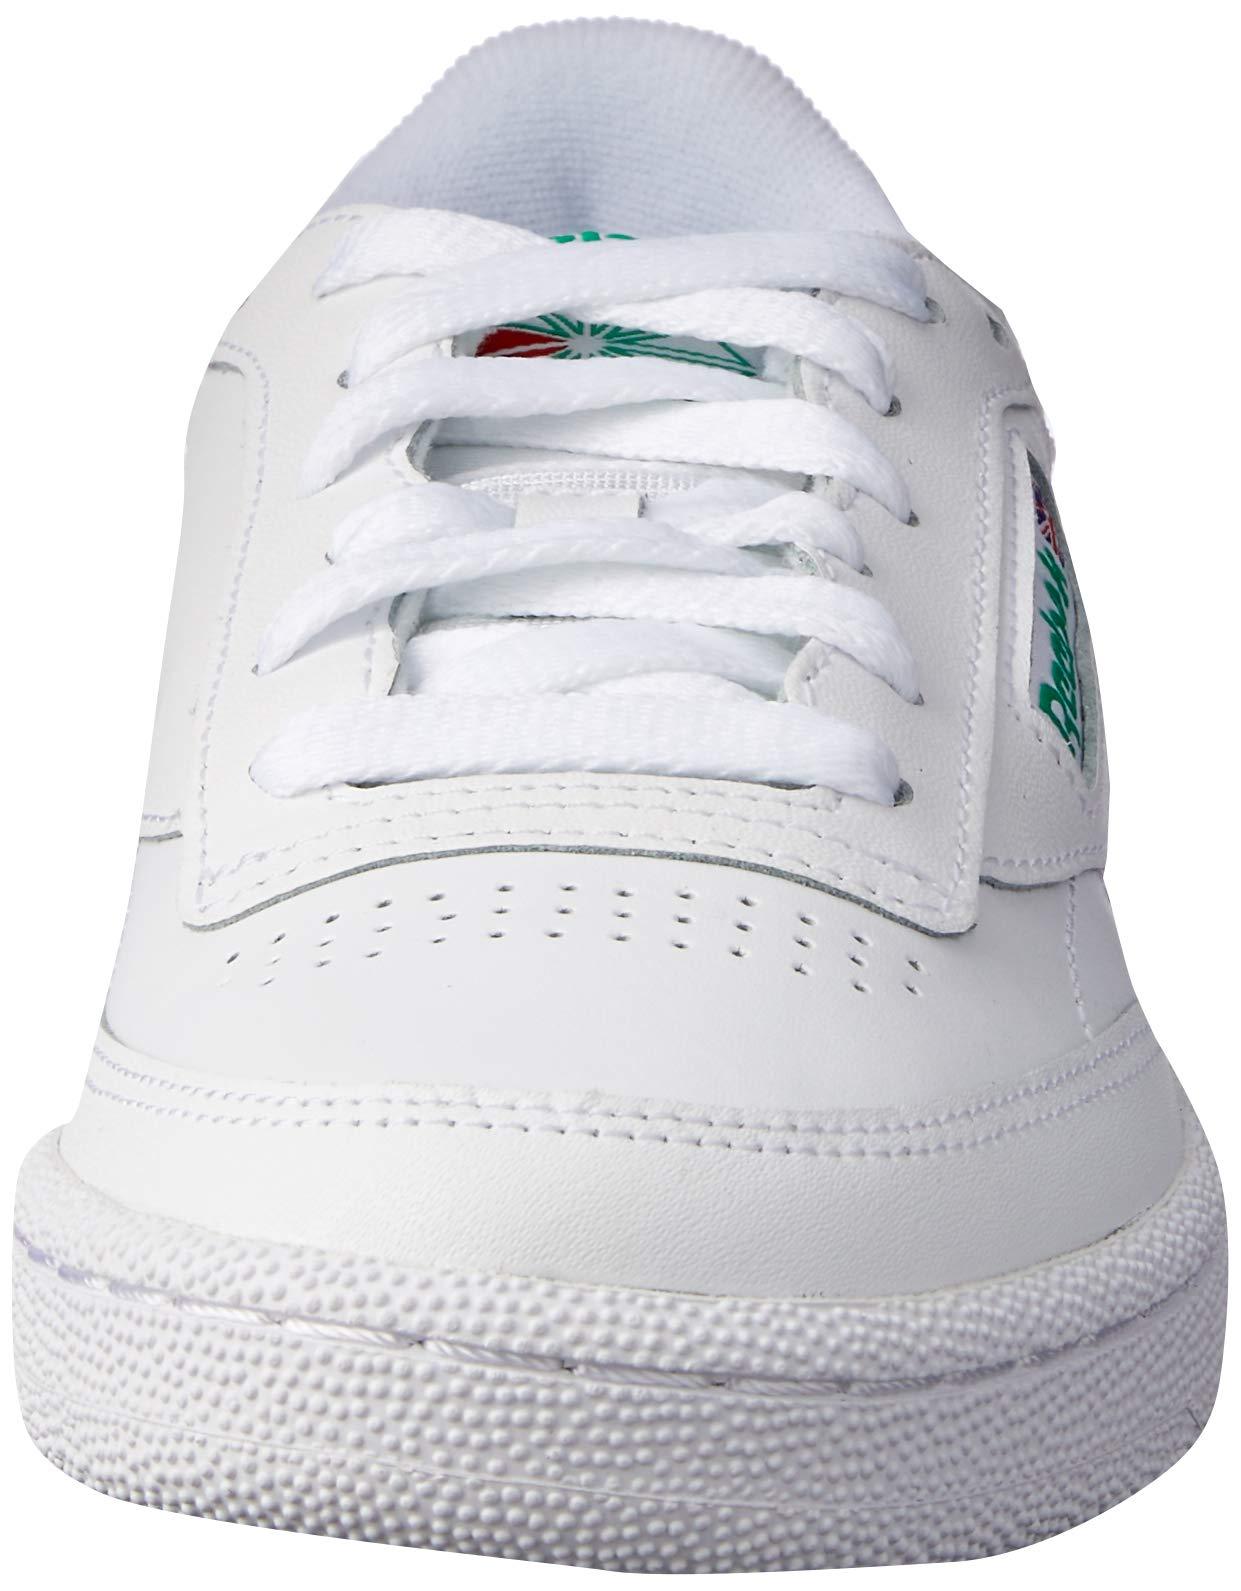 Reebok Men's Club C 85 So Fashion Sneaker